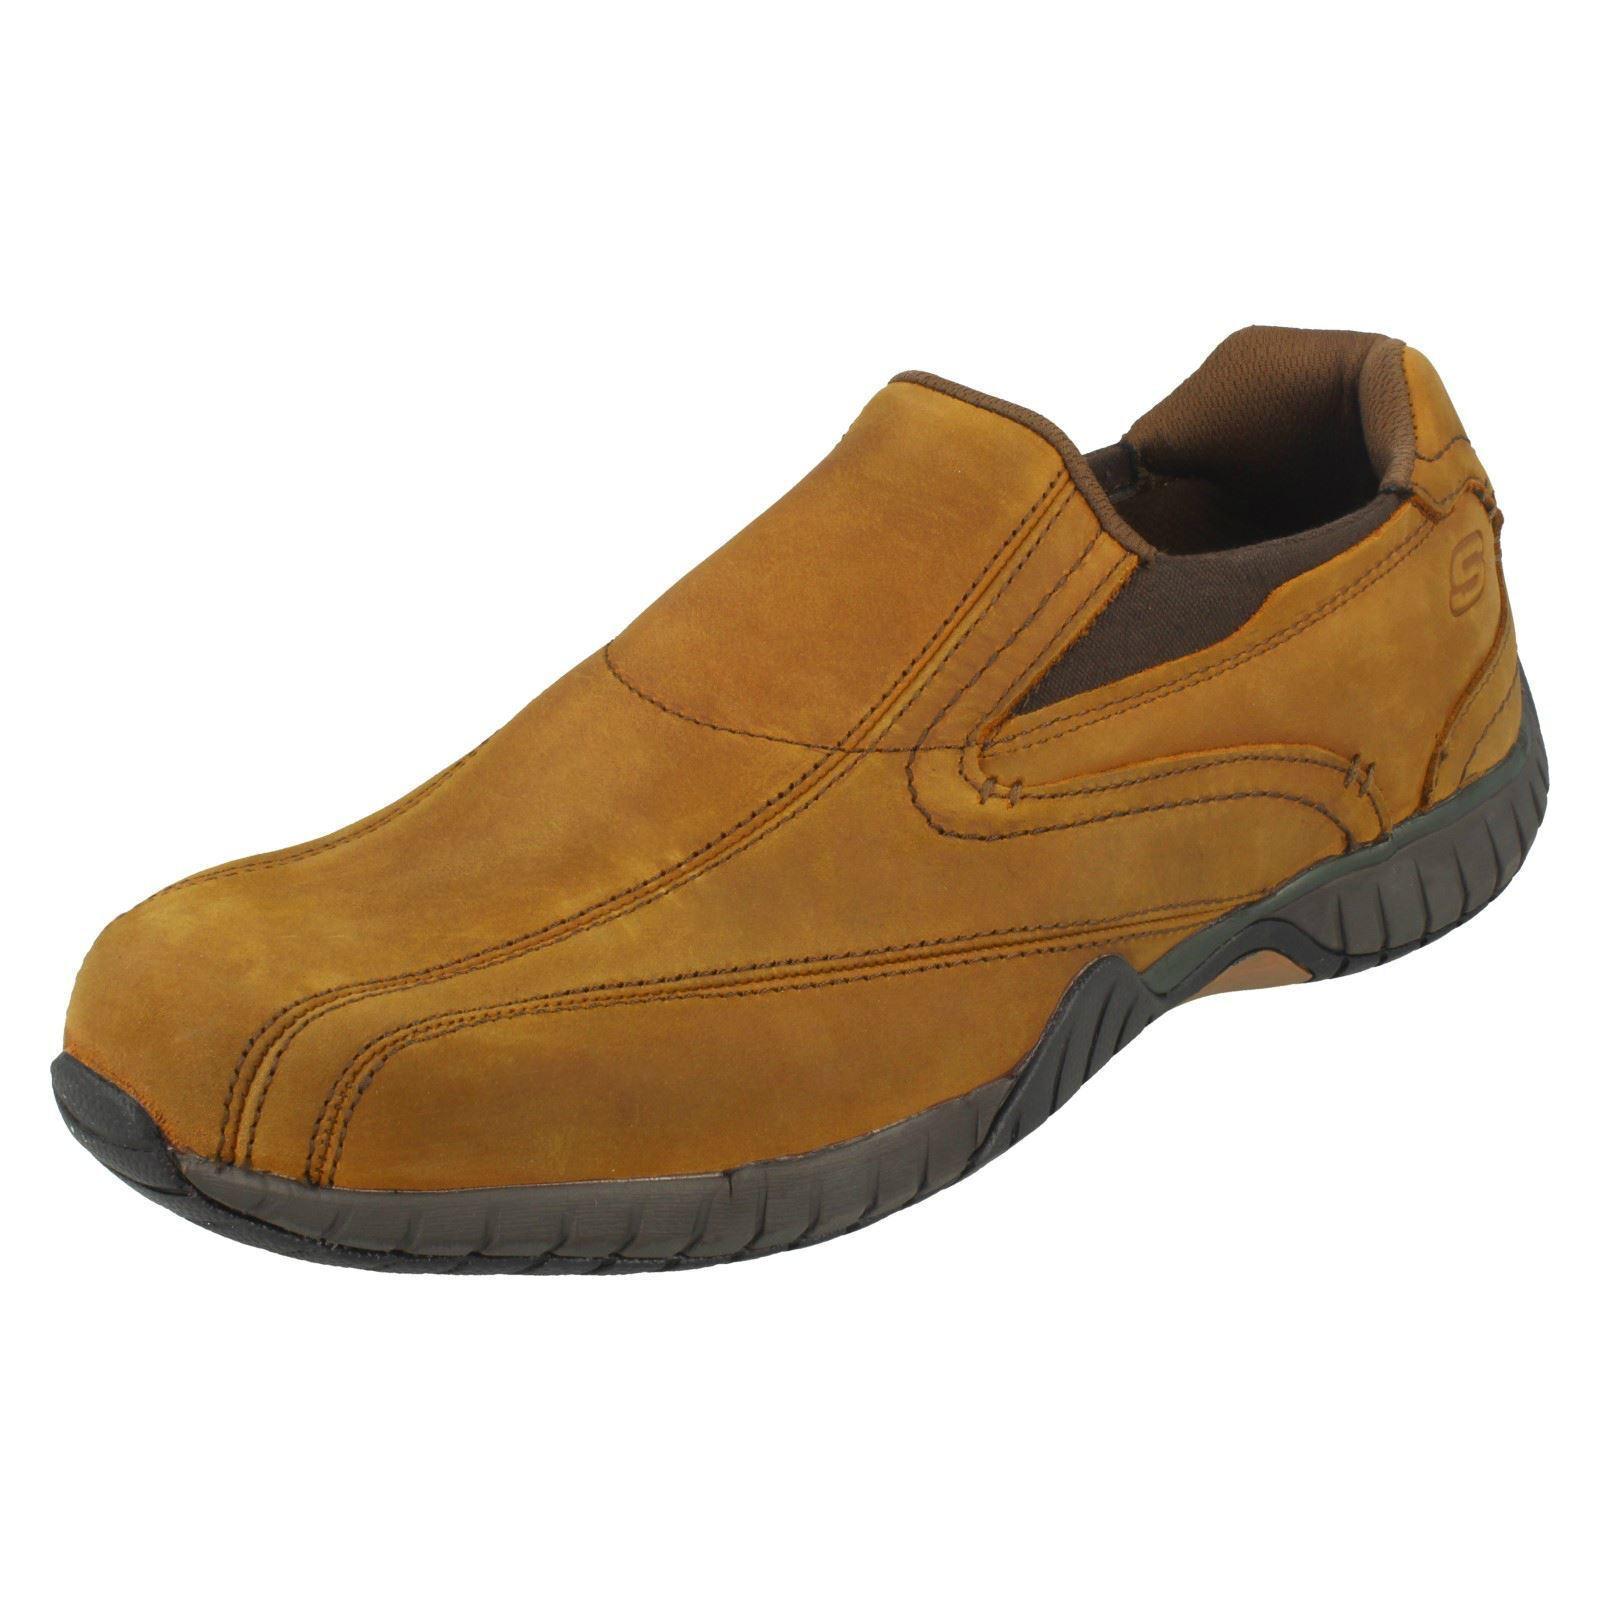 Hombre Skechers Zapatillas Sin Cordones Zapatos de Diario BASCOM Comfortable and good-looking